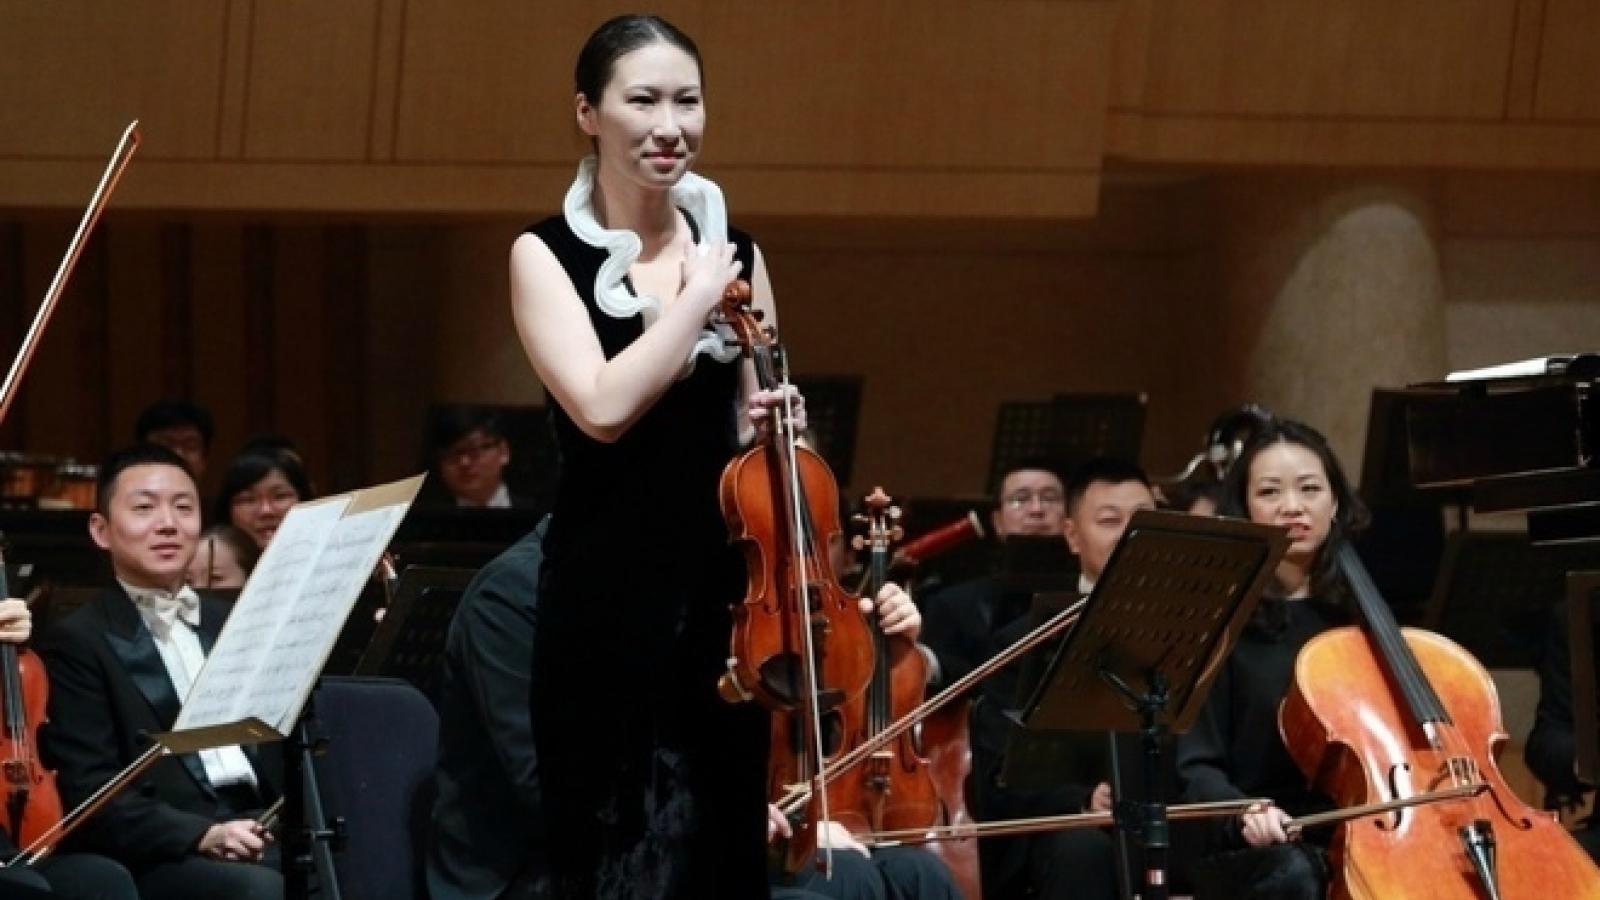 Nữ nghệ sĩ violin nổi tiếng Trung Quốc tự tử